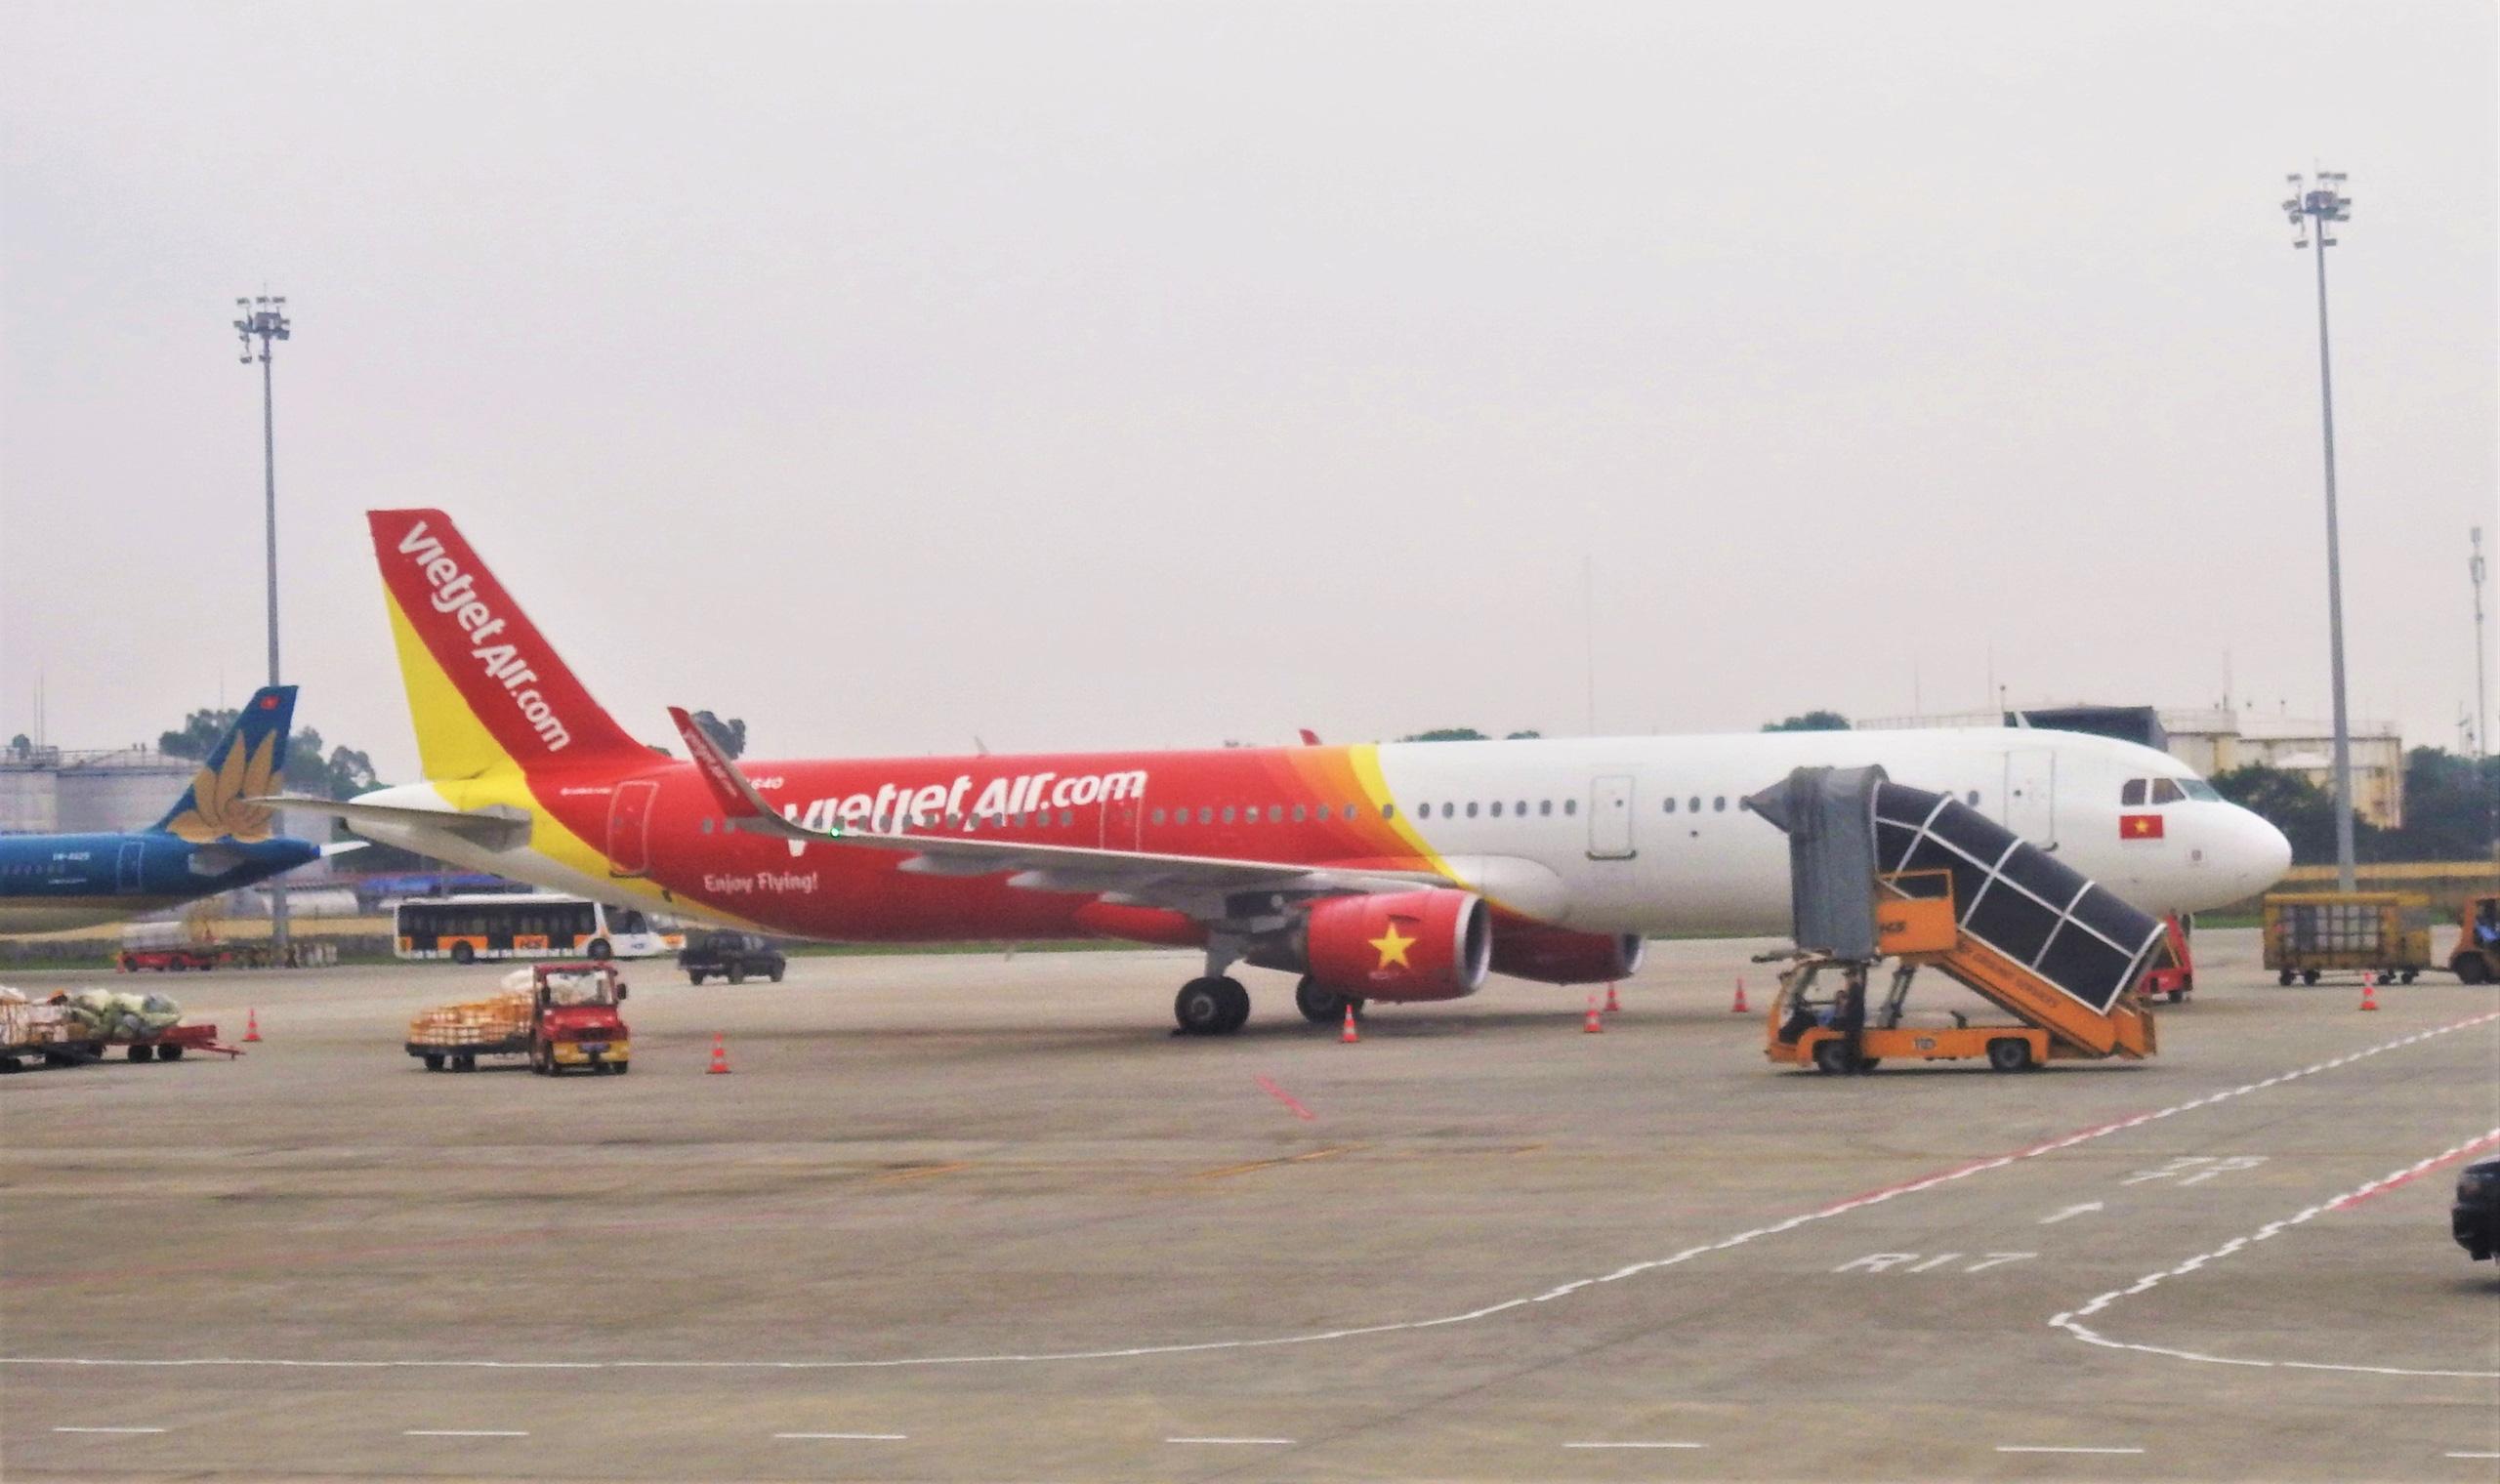 Vietjet đặt cọc hơn 7.700 tỷ để mua tàu bay - Ảnh 2.